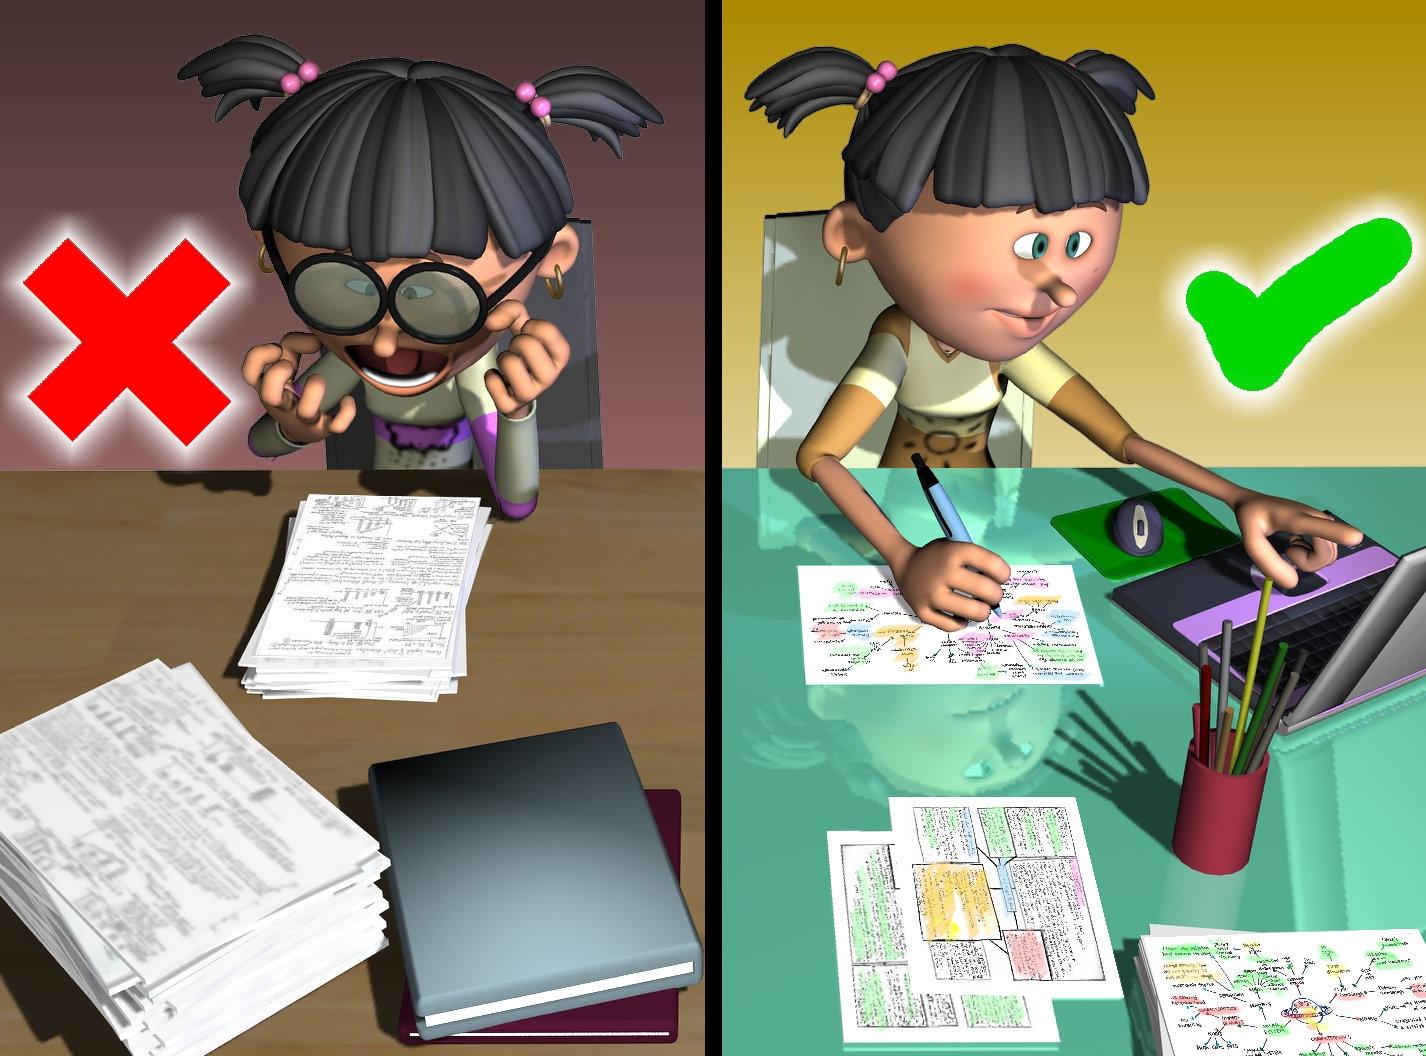 Portada_Taller estudio primaria (Portada_Taller estudio primaria.JPG)